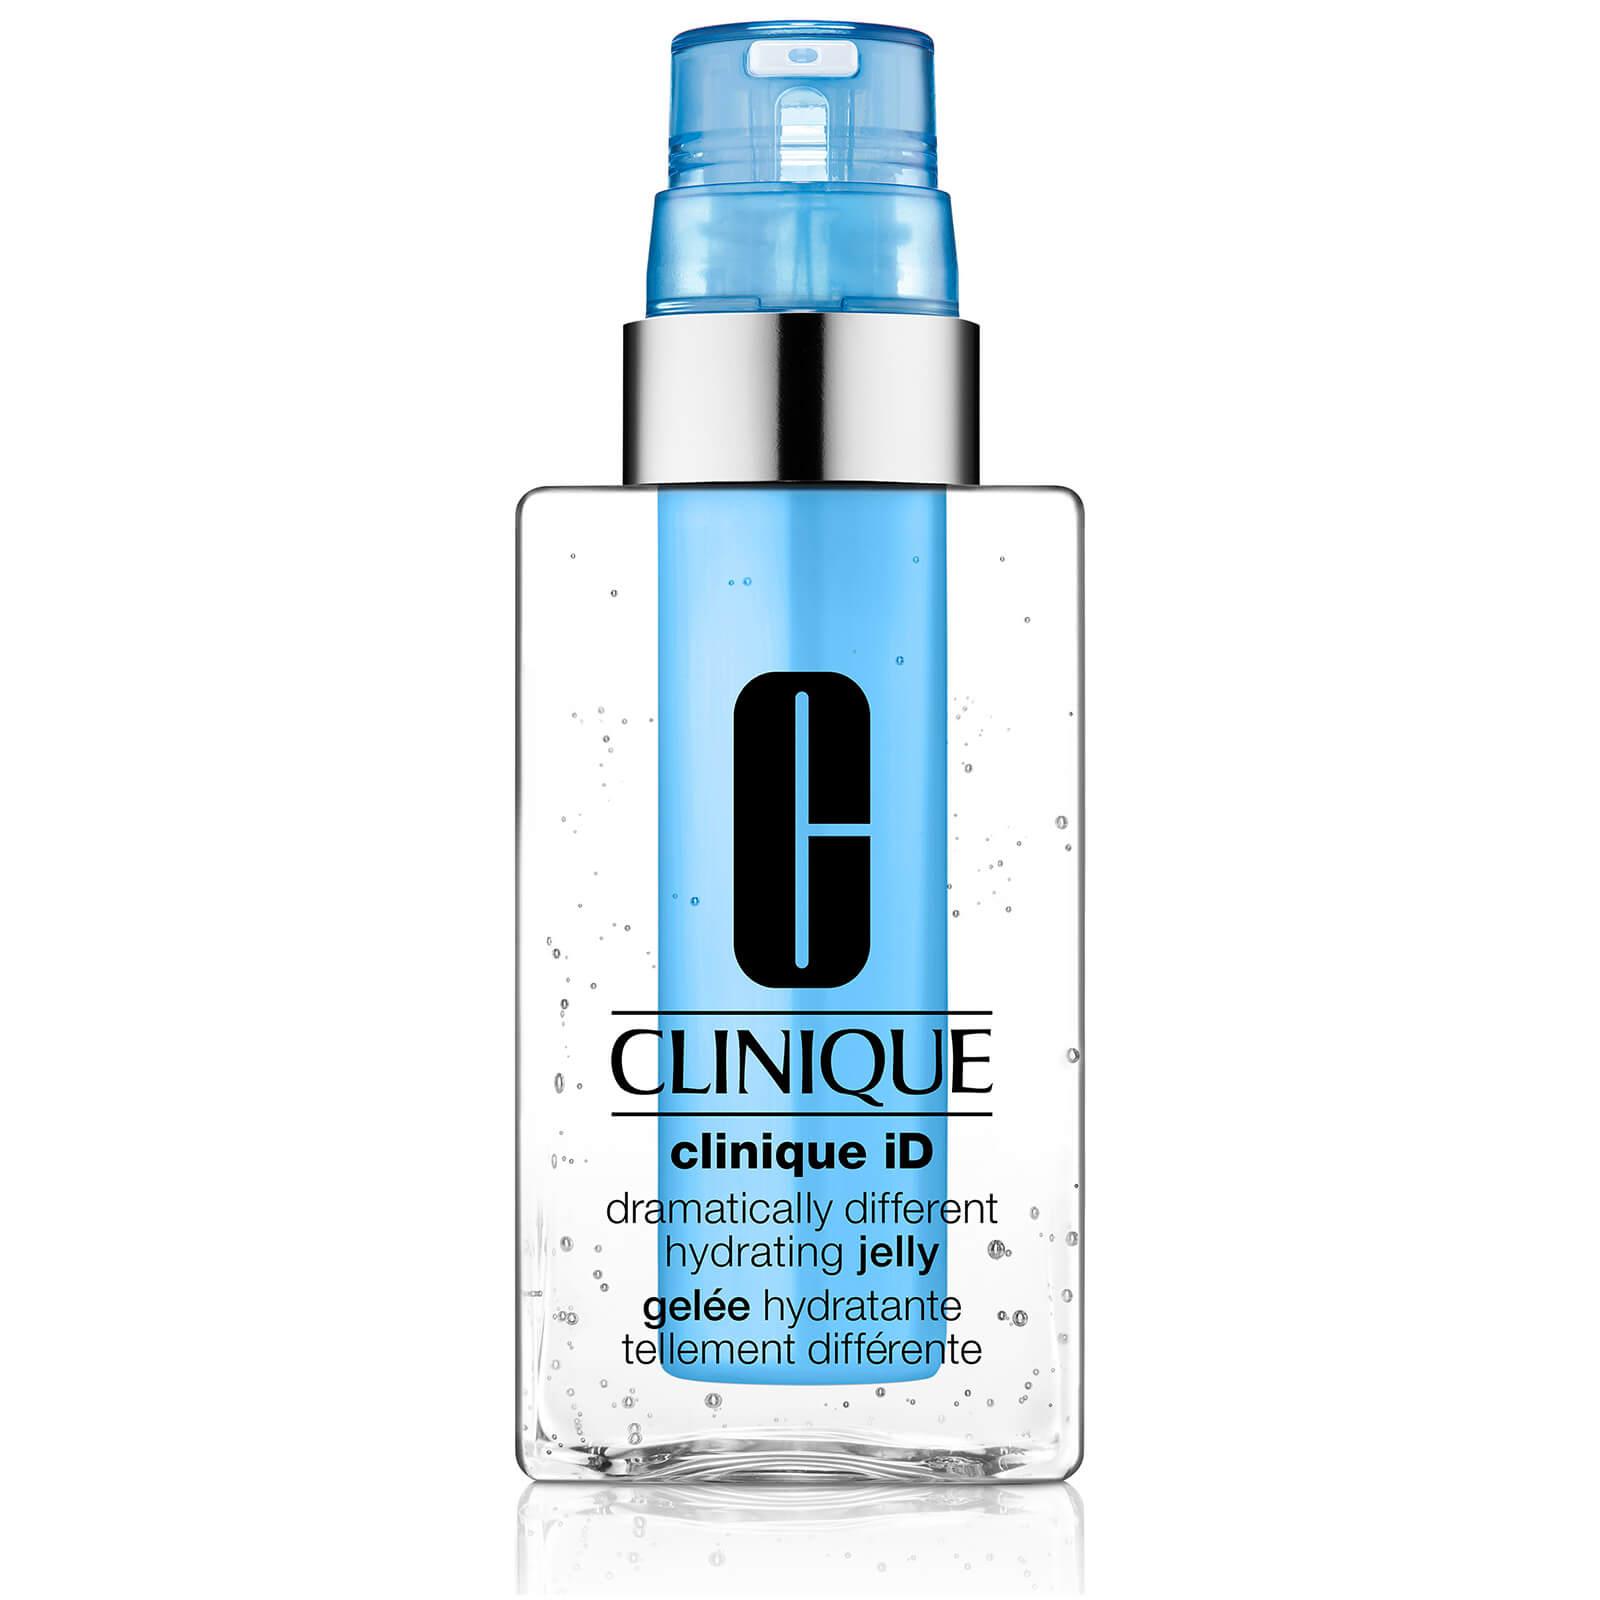 Clinique Gelée Hydratante Tellement Différente et Cartouche d'Actif Concentré Clinique iD 125ml (différents produits) - Uneven Skin Texture